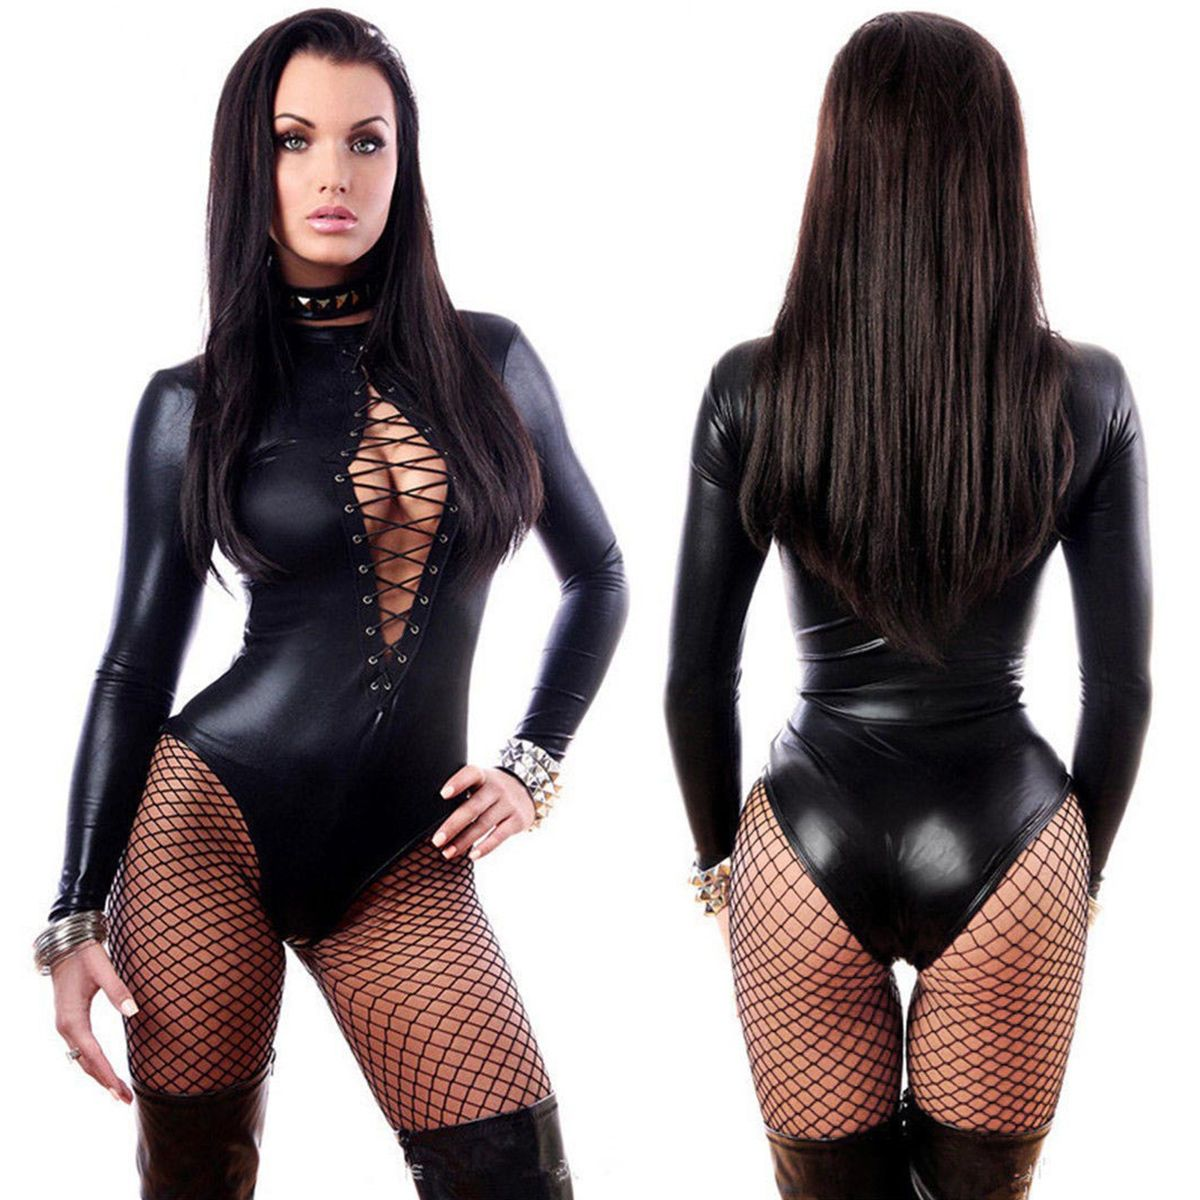 17a7cbf727 Women Pvc Wet Look Faux Leather Romper Bodycon Bodysuit Jumpsuit Party  Clubwear. Women s Leather Long Sleeve ...